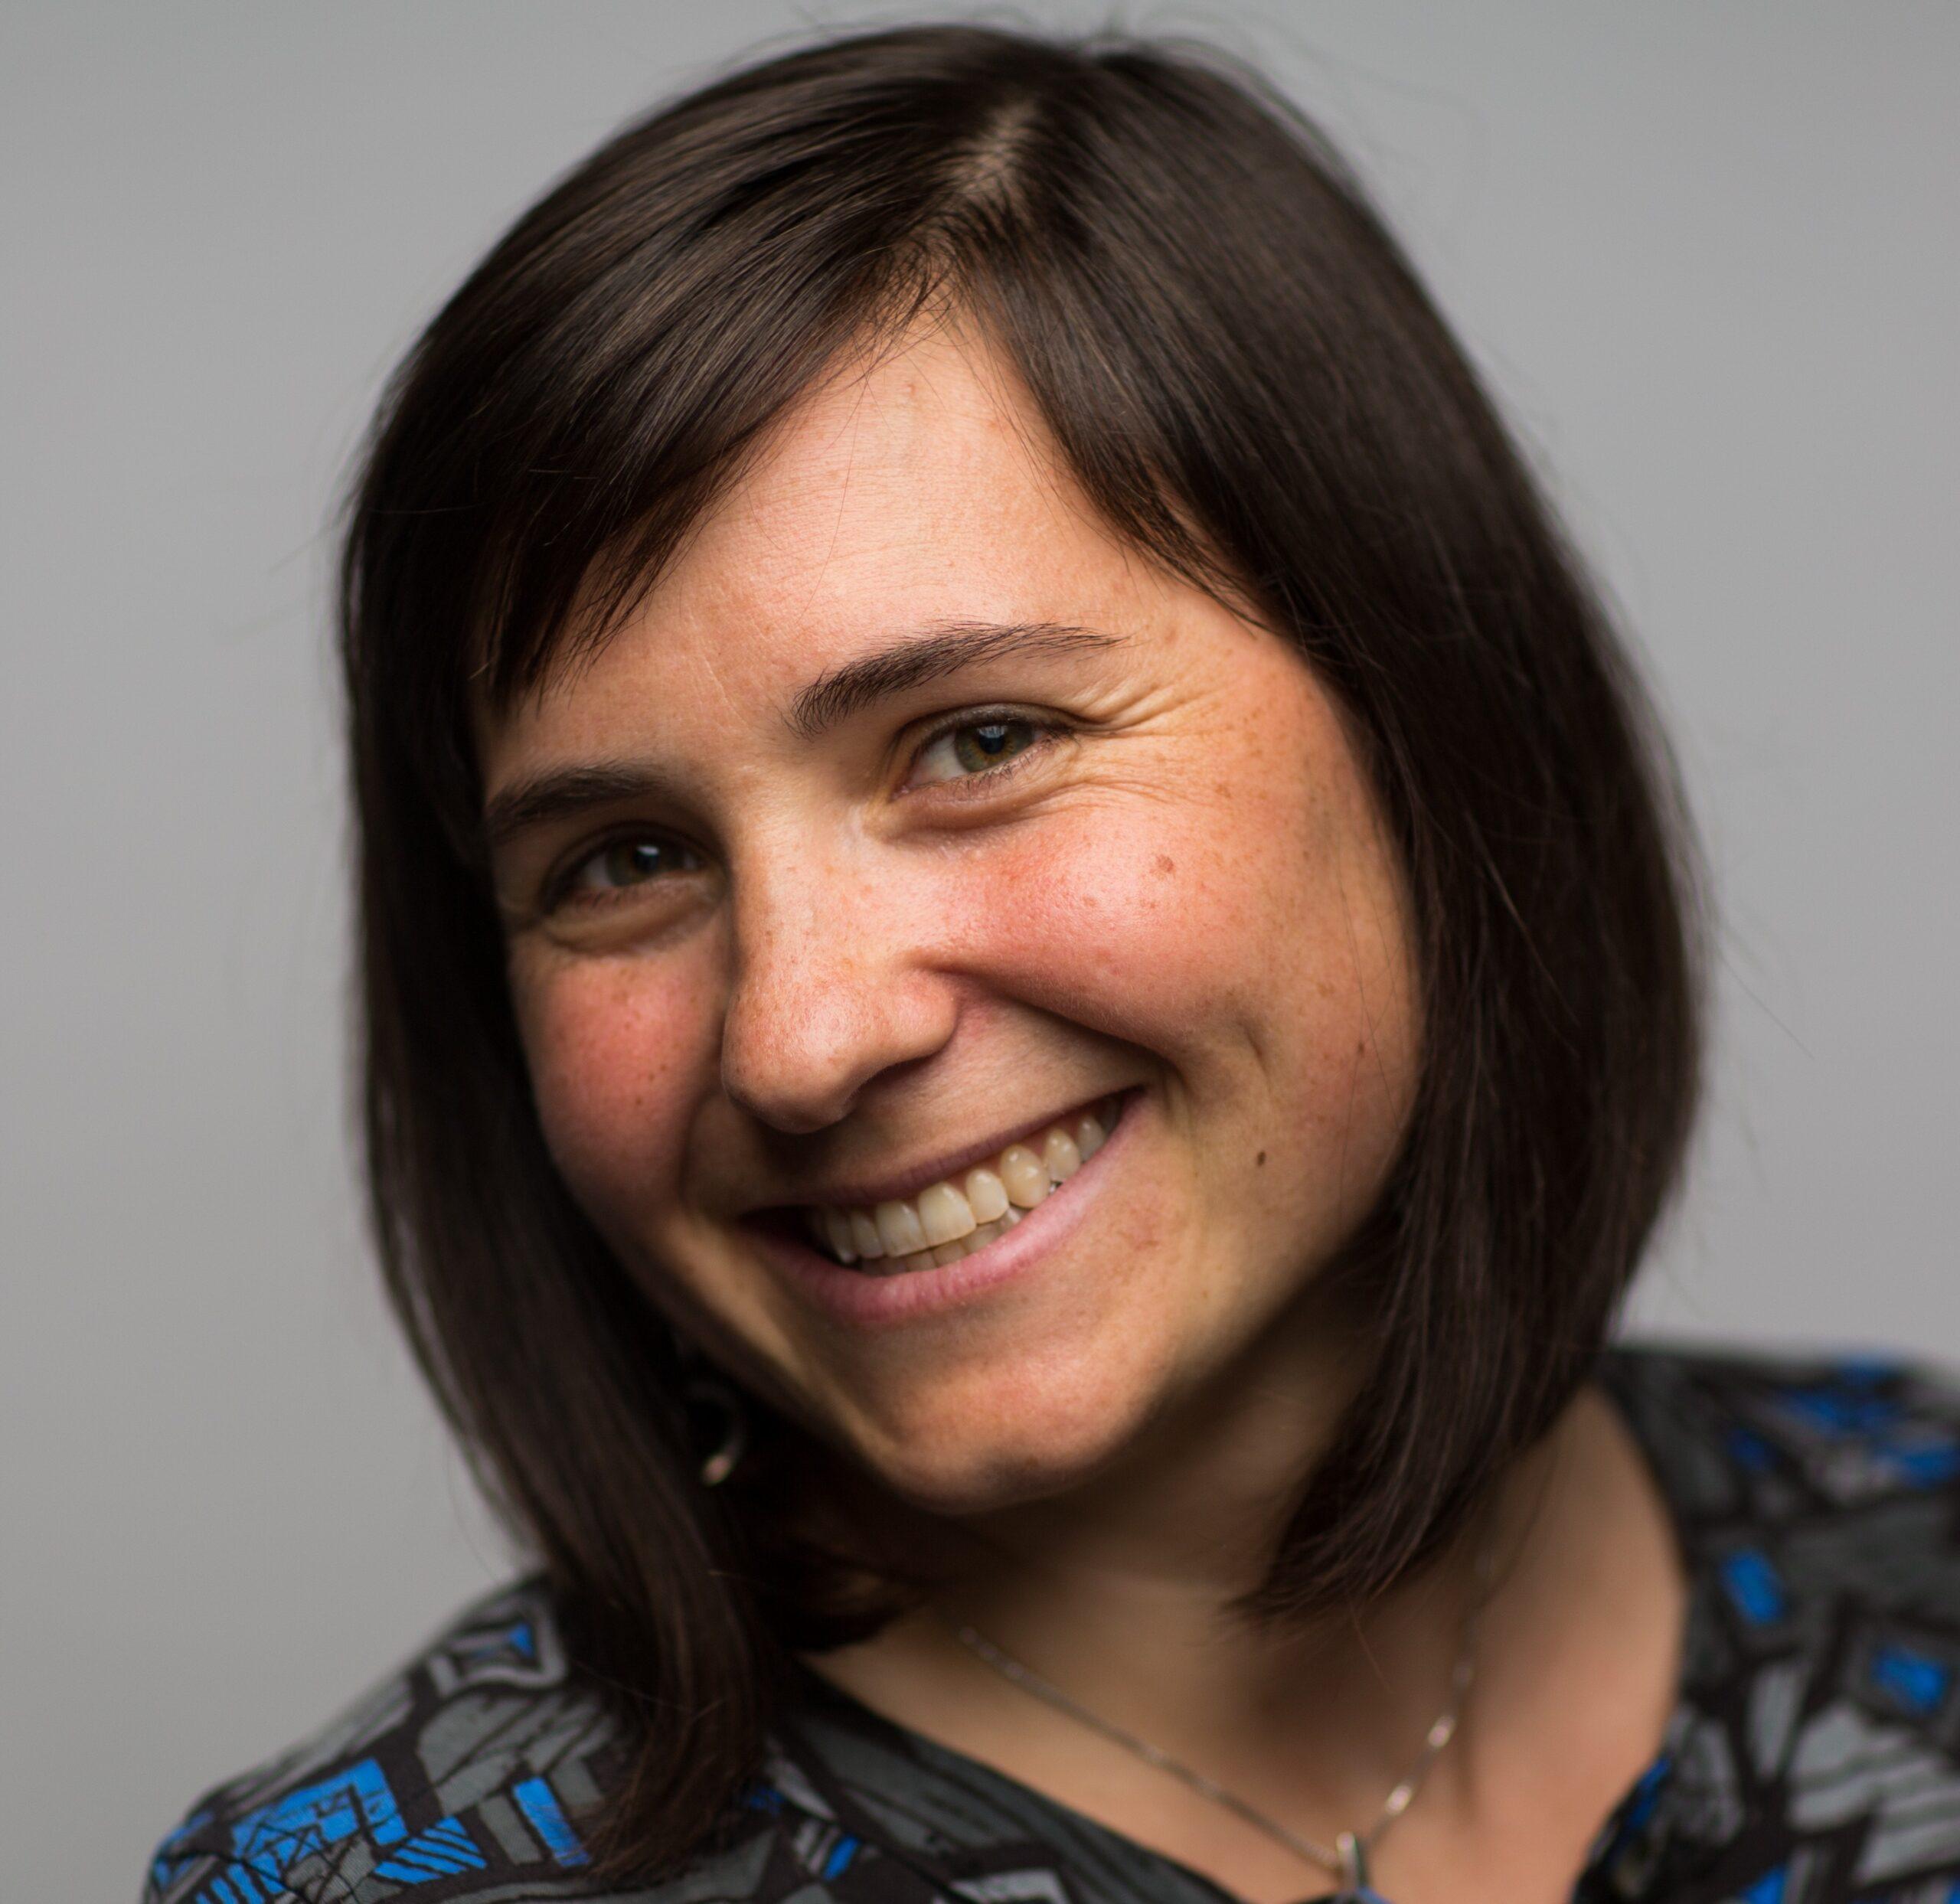 Profile image of Heidi Roop